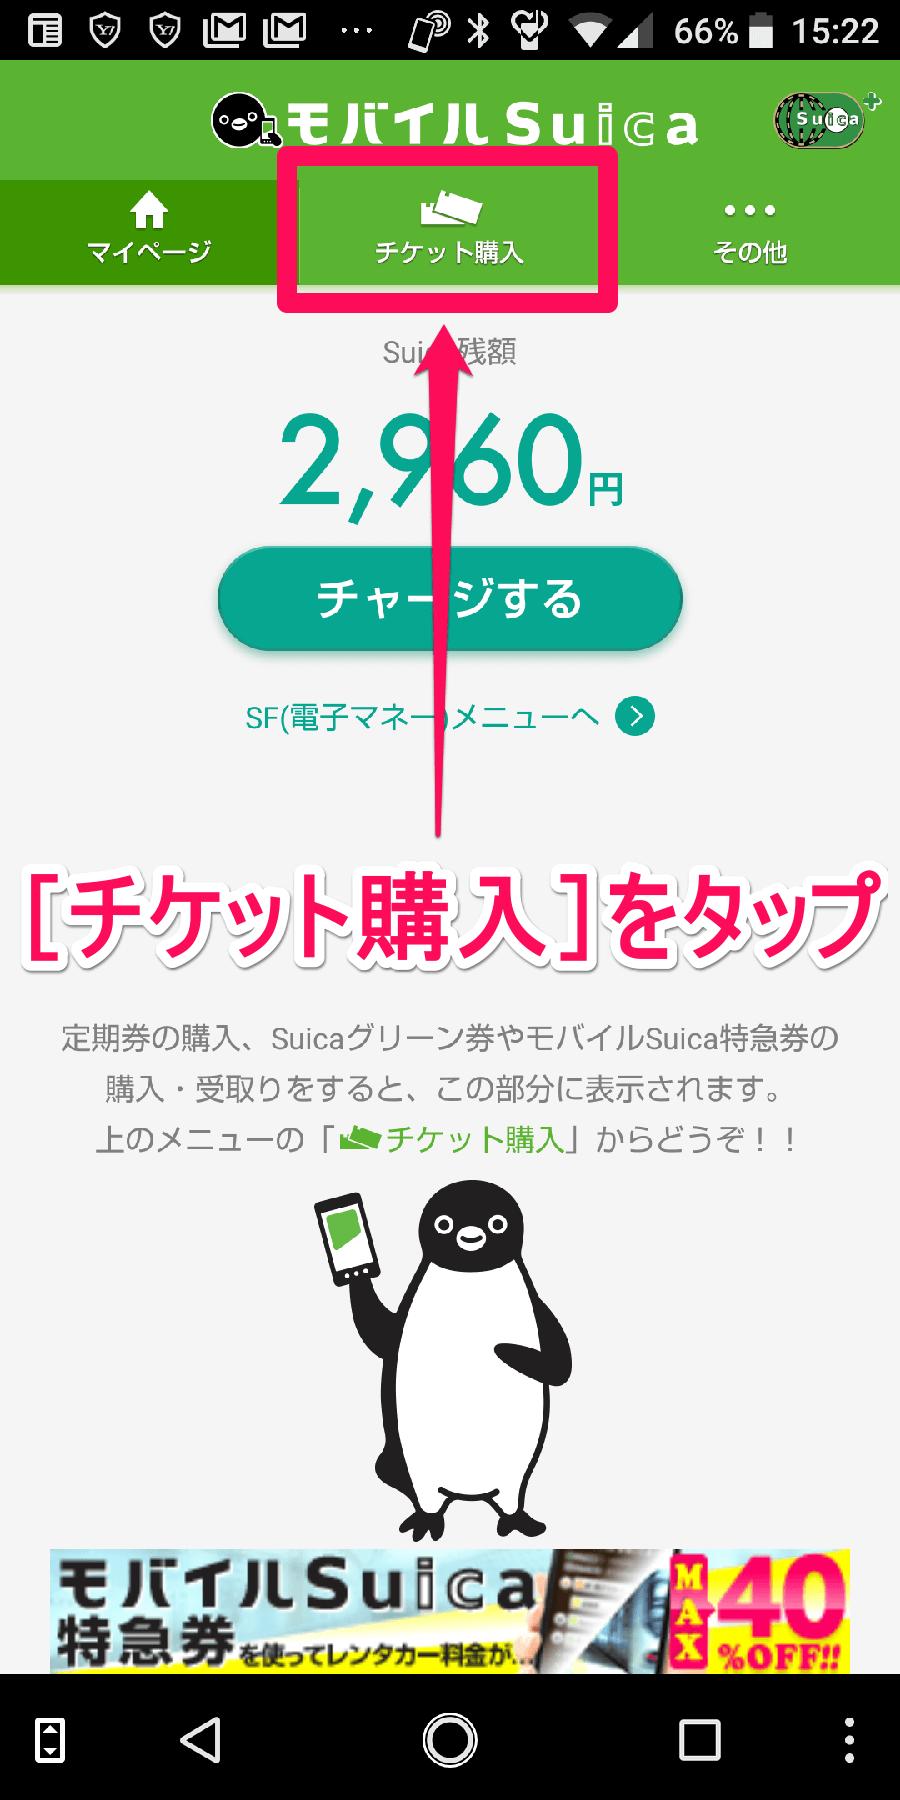 スマートフォンのAndroid(アンドロイド)版[モバイルSuica]アプリの[チケット購入]画面